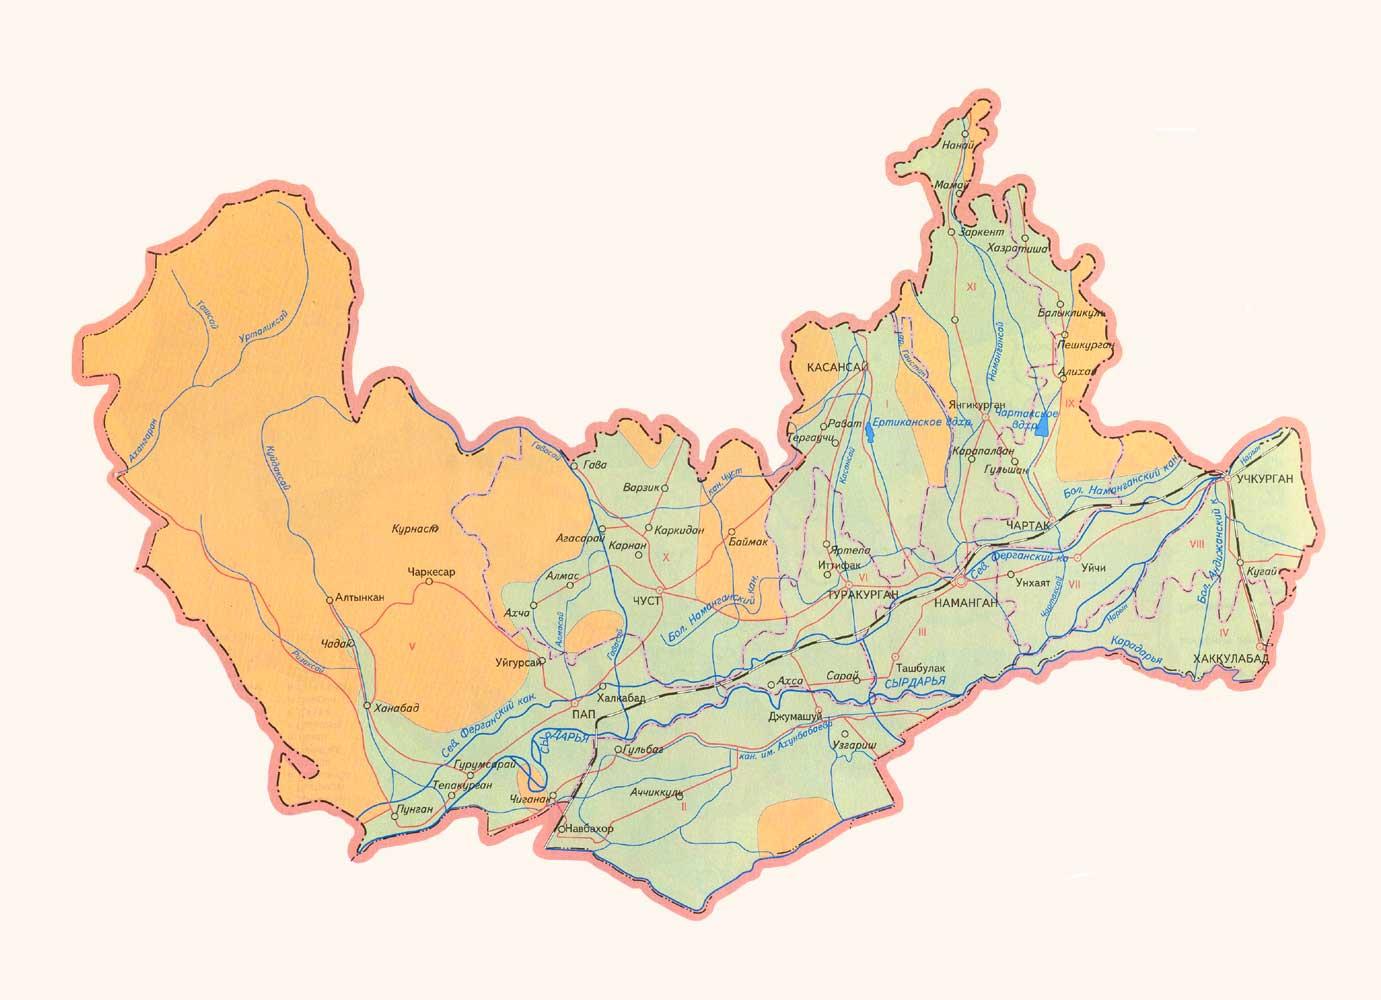 Координаты: 40 5800 с ш 71 3400 в д население: 432 000 человек (2006) часовой пояс: utc+5 автомобильный код